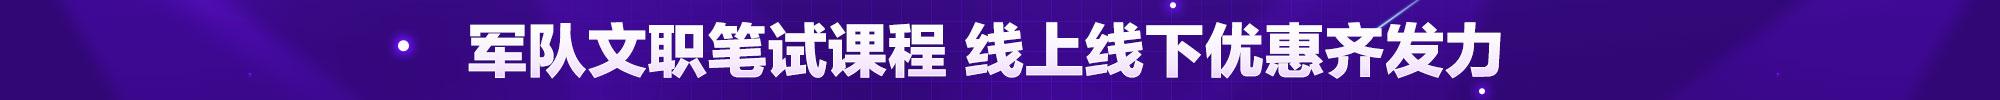 2020四川军队文职近期课程优惠及活动推荐